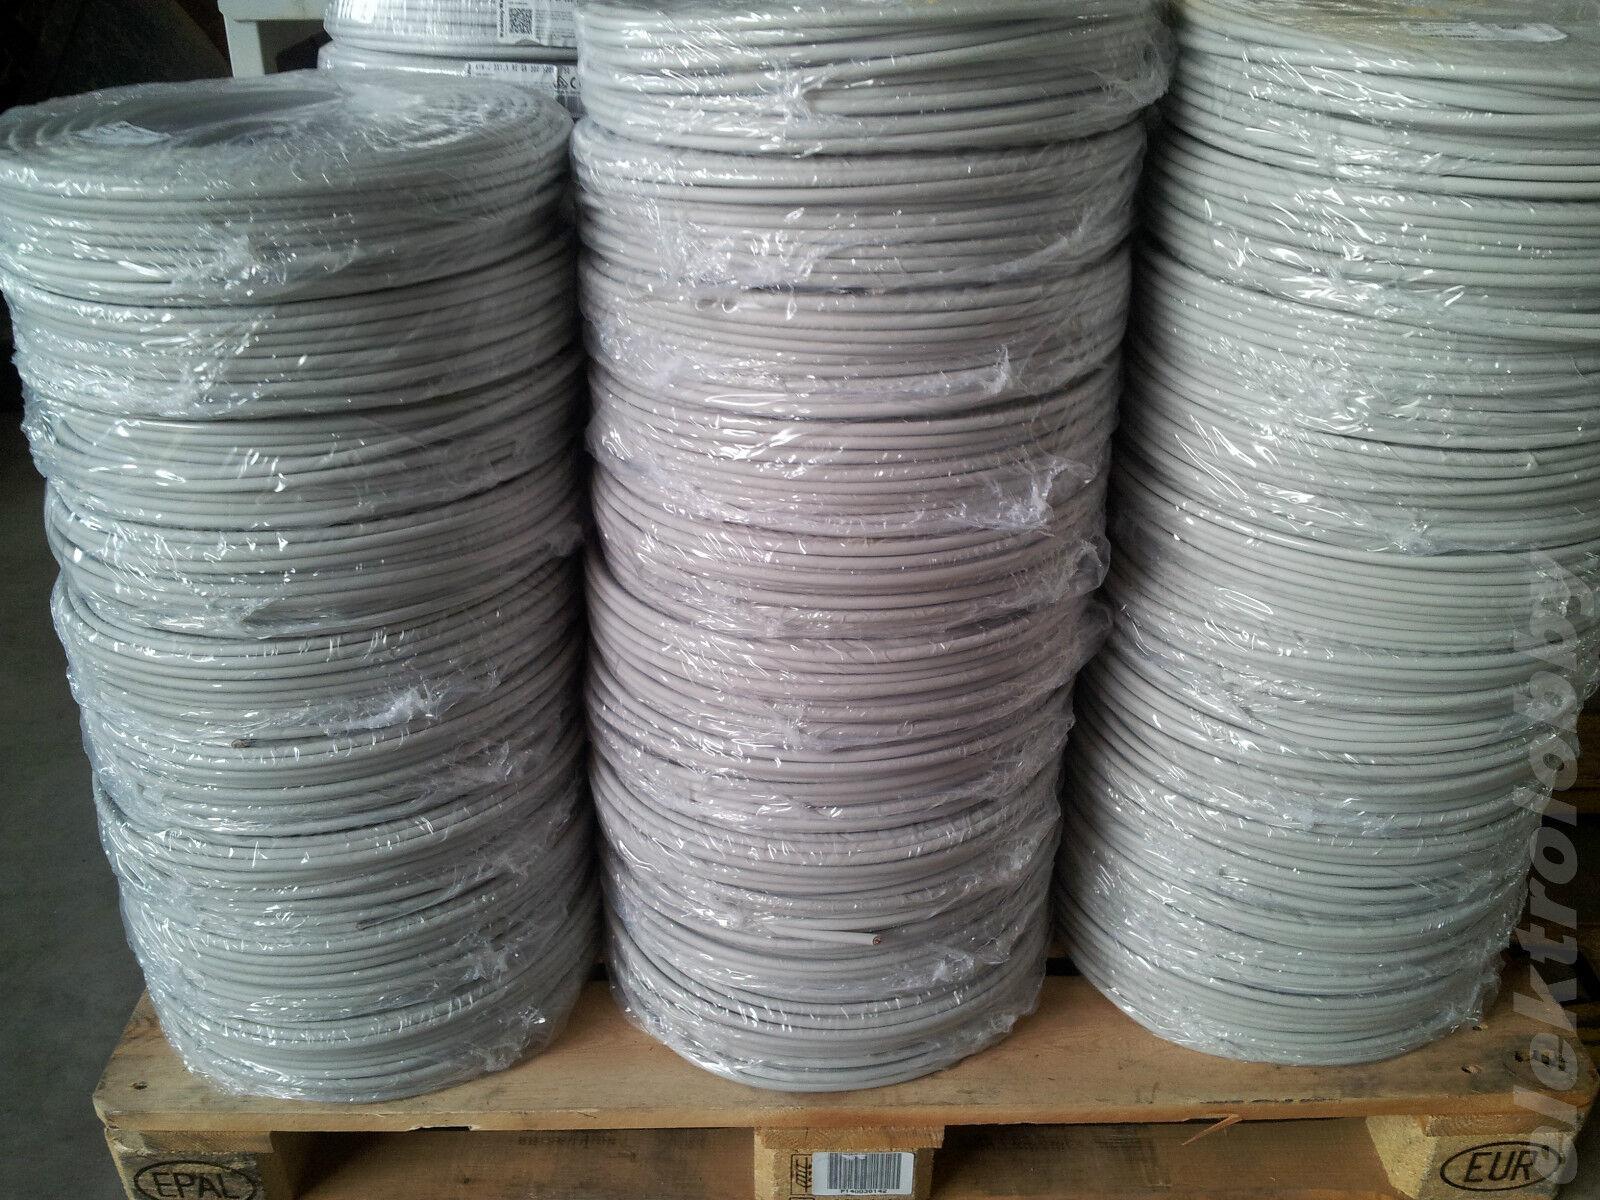 (  m) NYM-J 5x2,5 mm² Mantelleitung Kabel 50m Bund   100m Bund - Auswahl